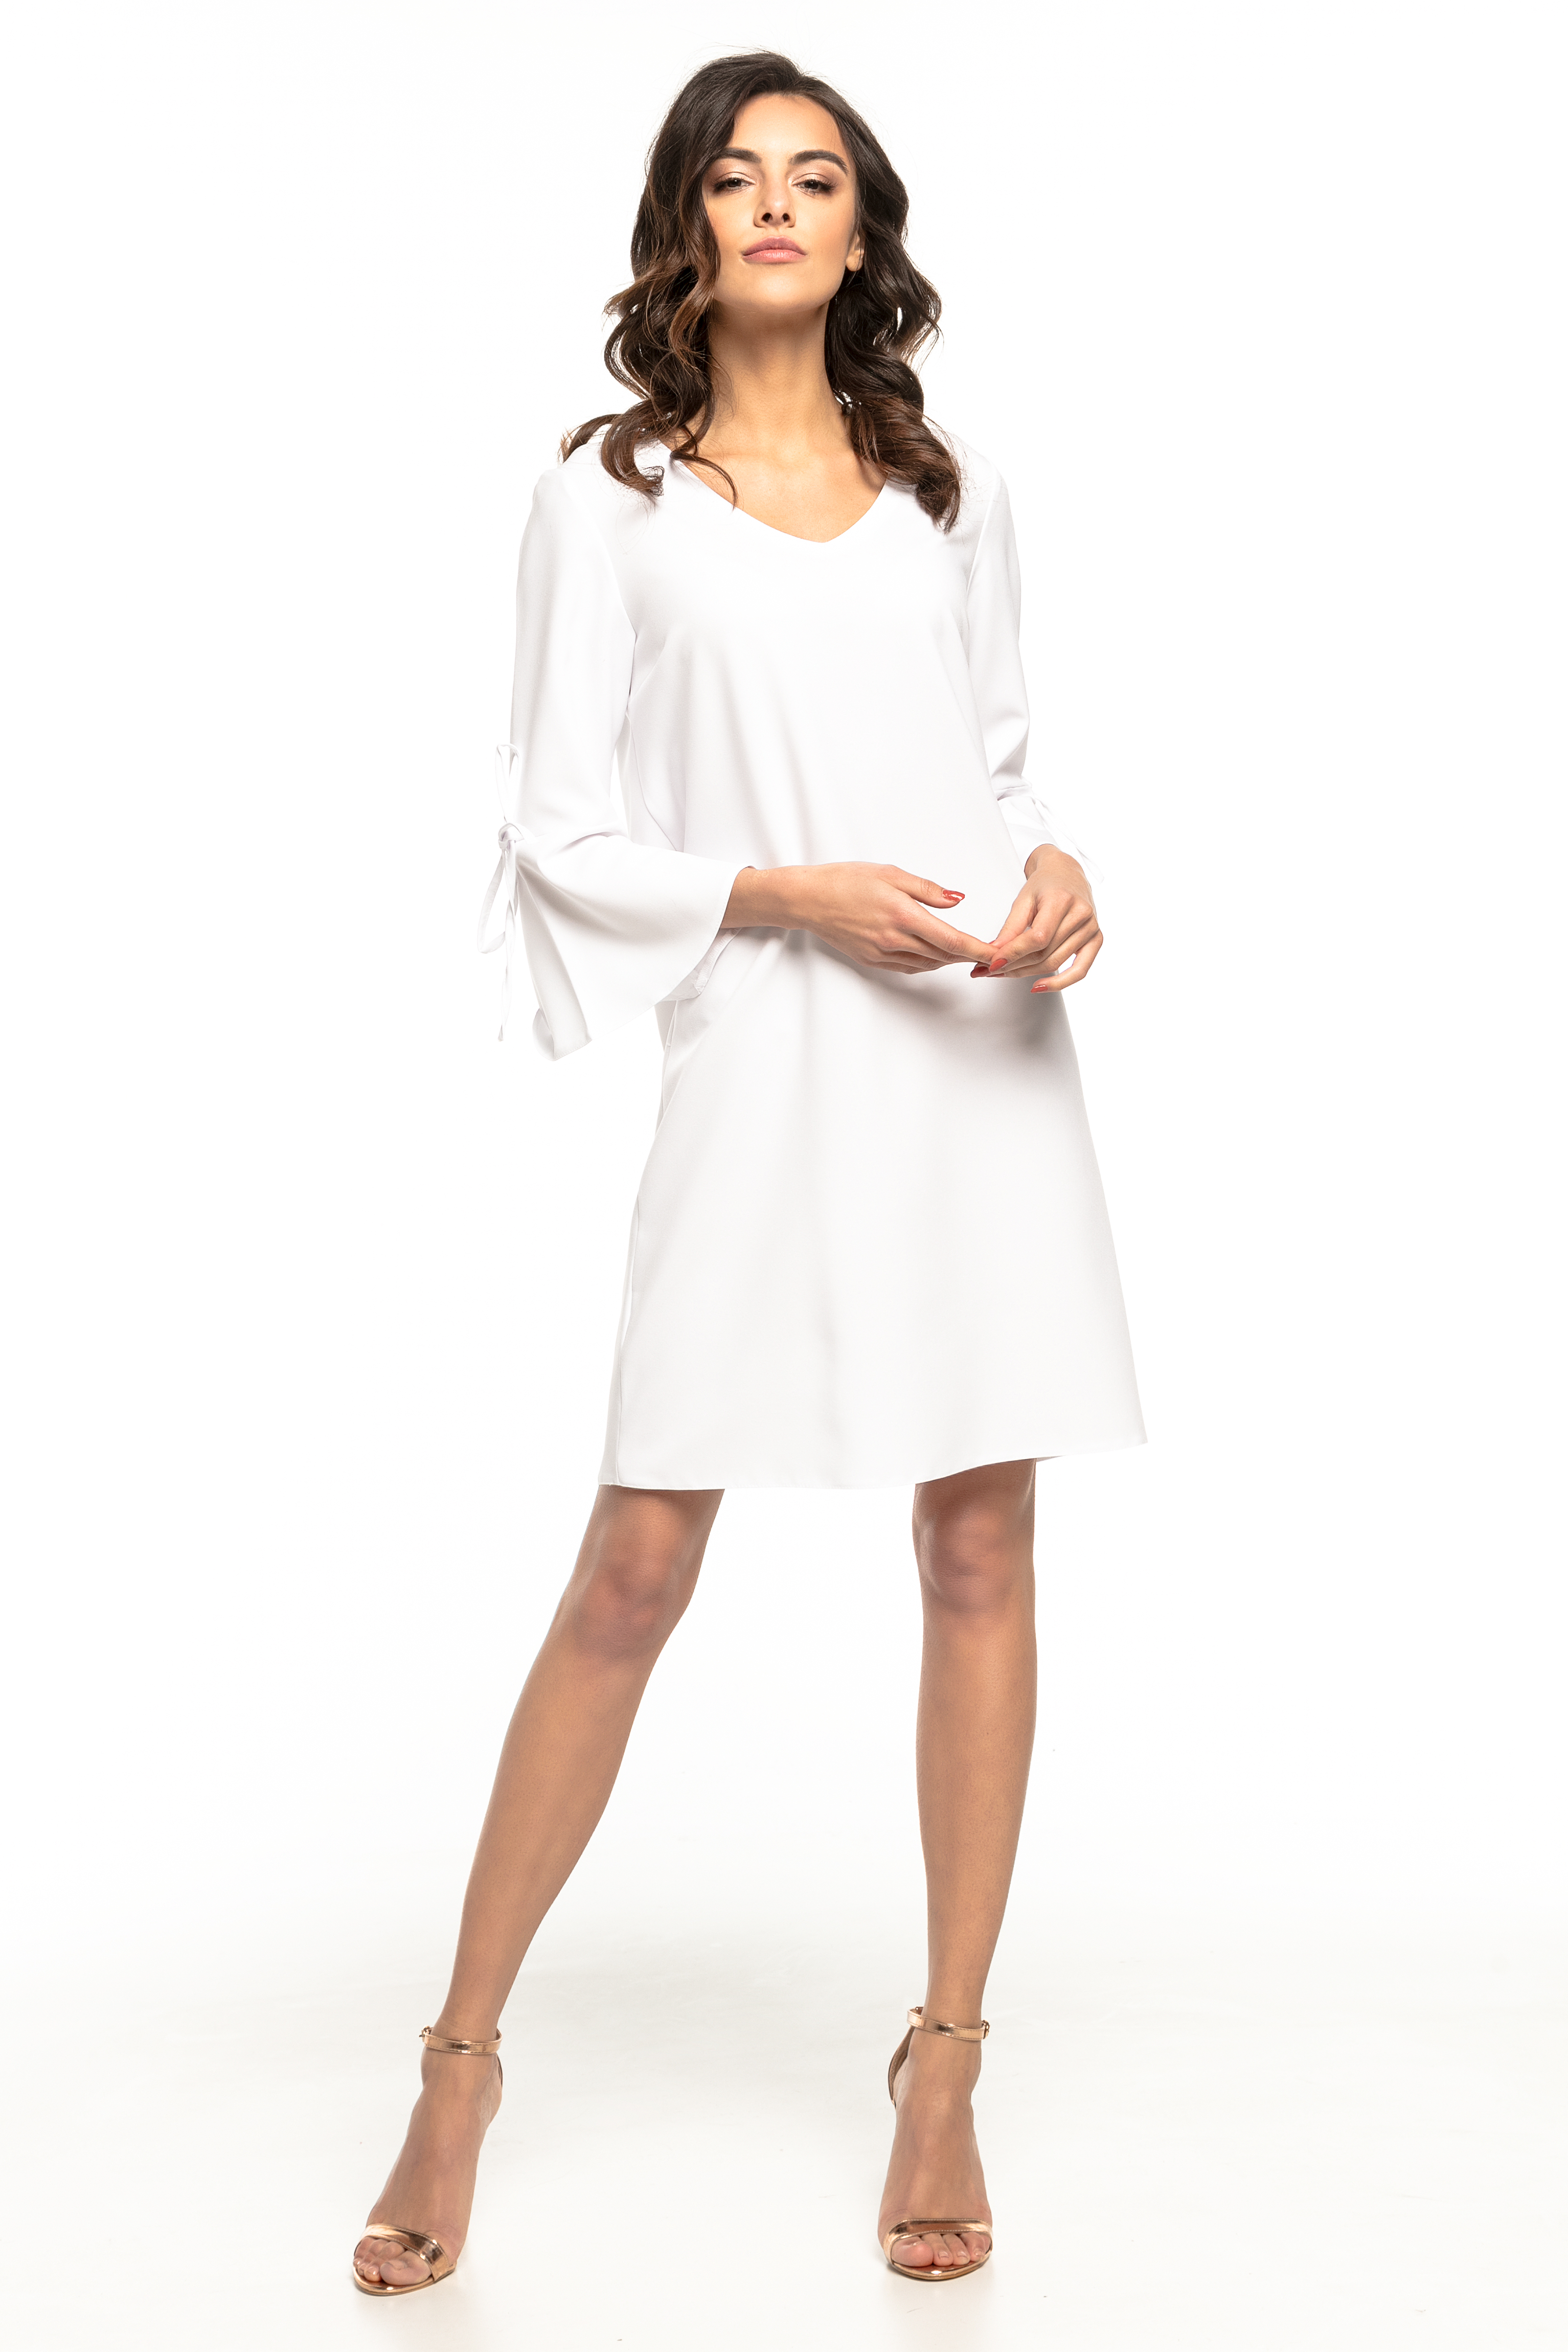 0d24dcf132 Sukienka trapezowa z falbankami biała - tania wysyłka już od 5